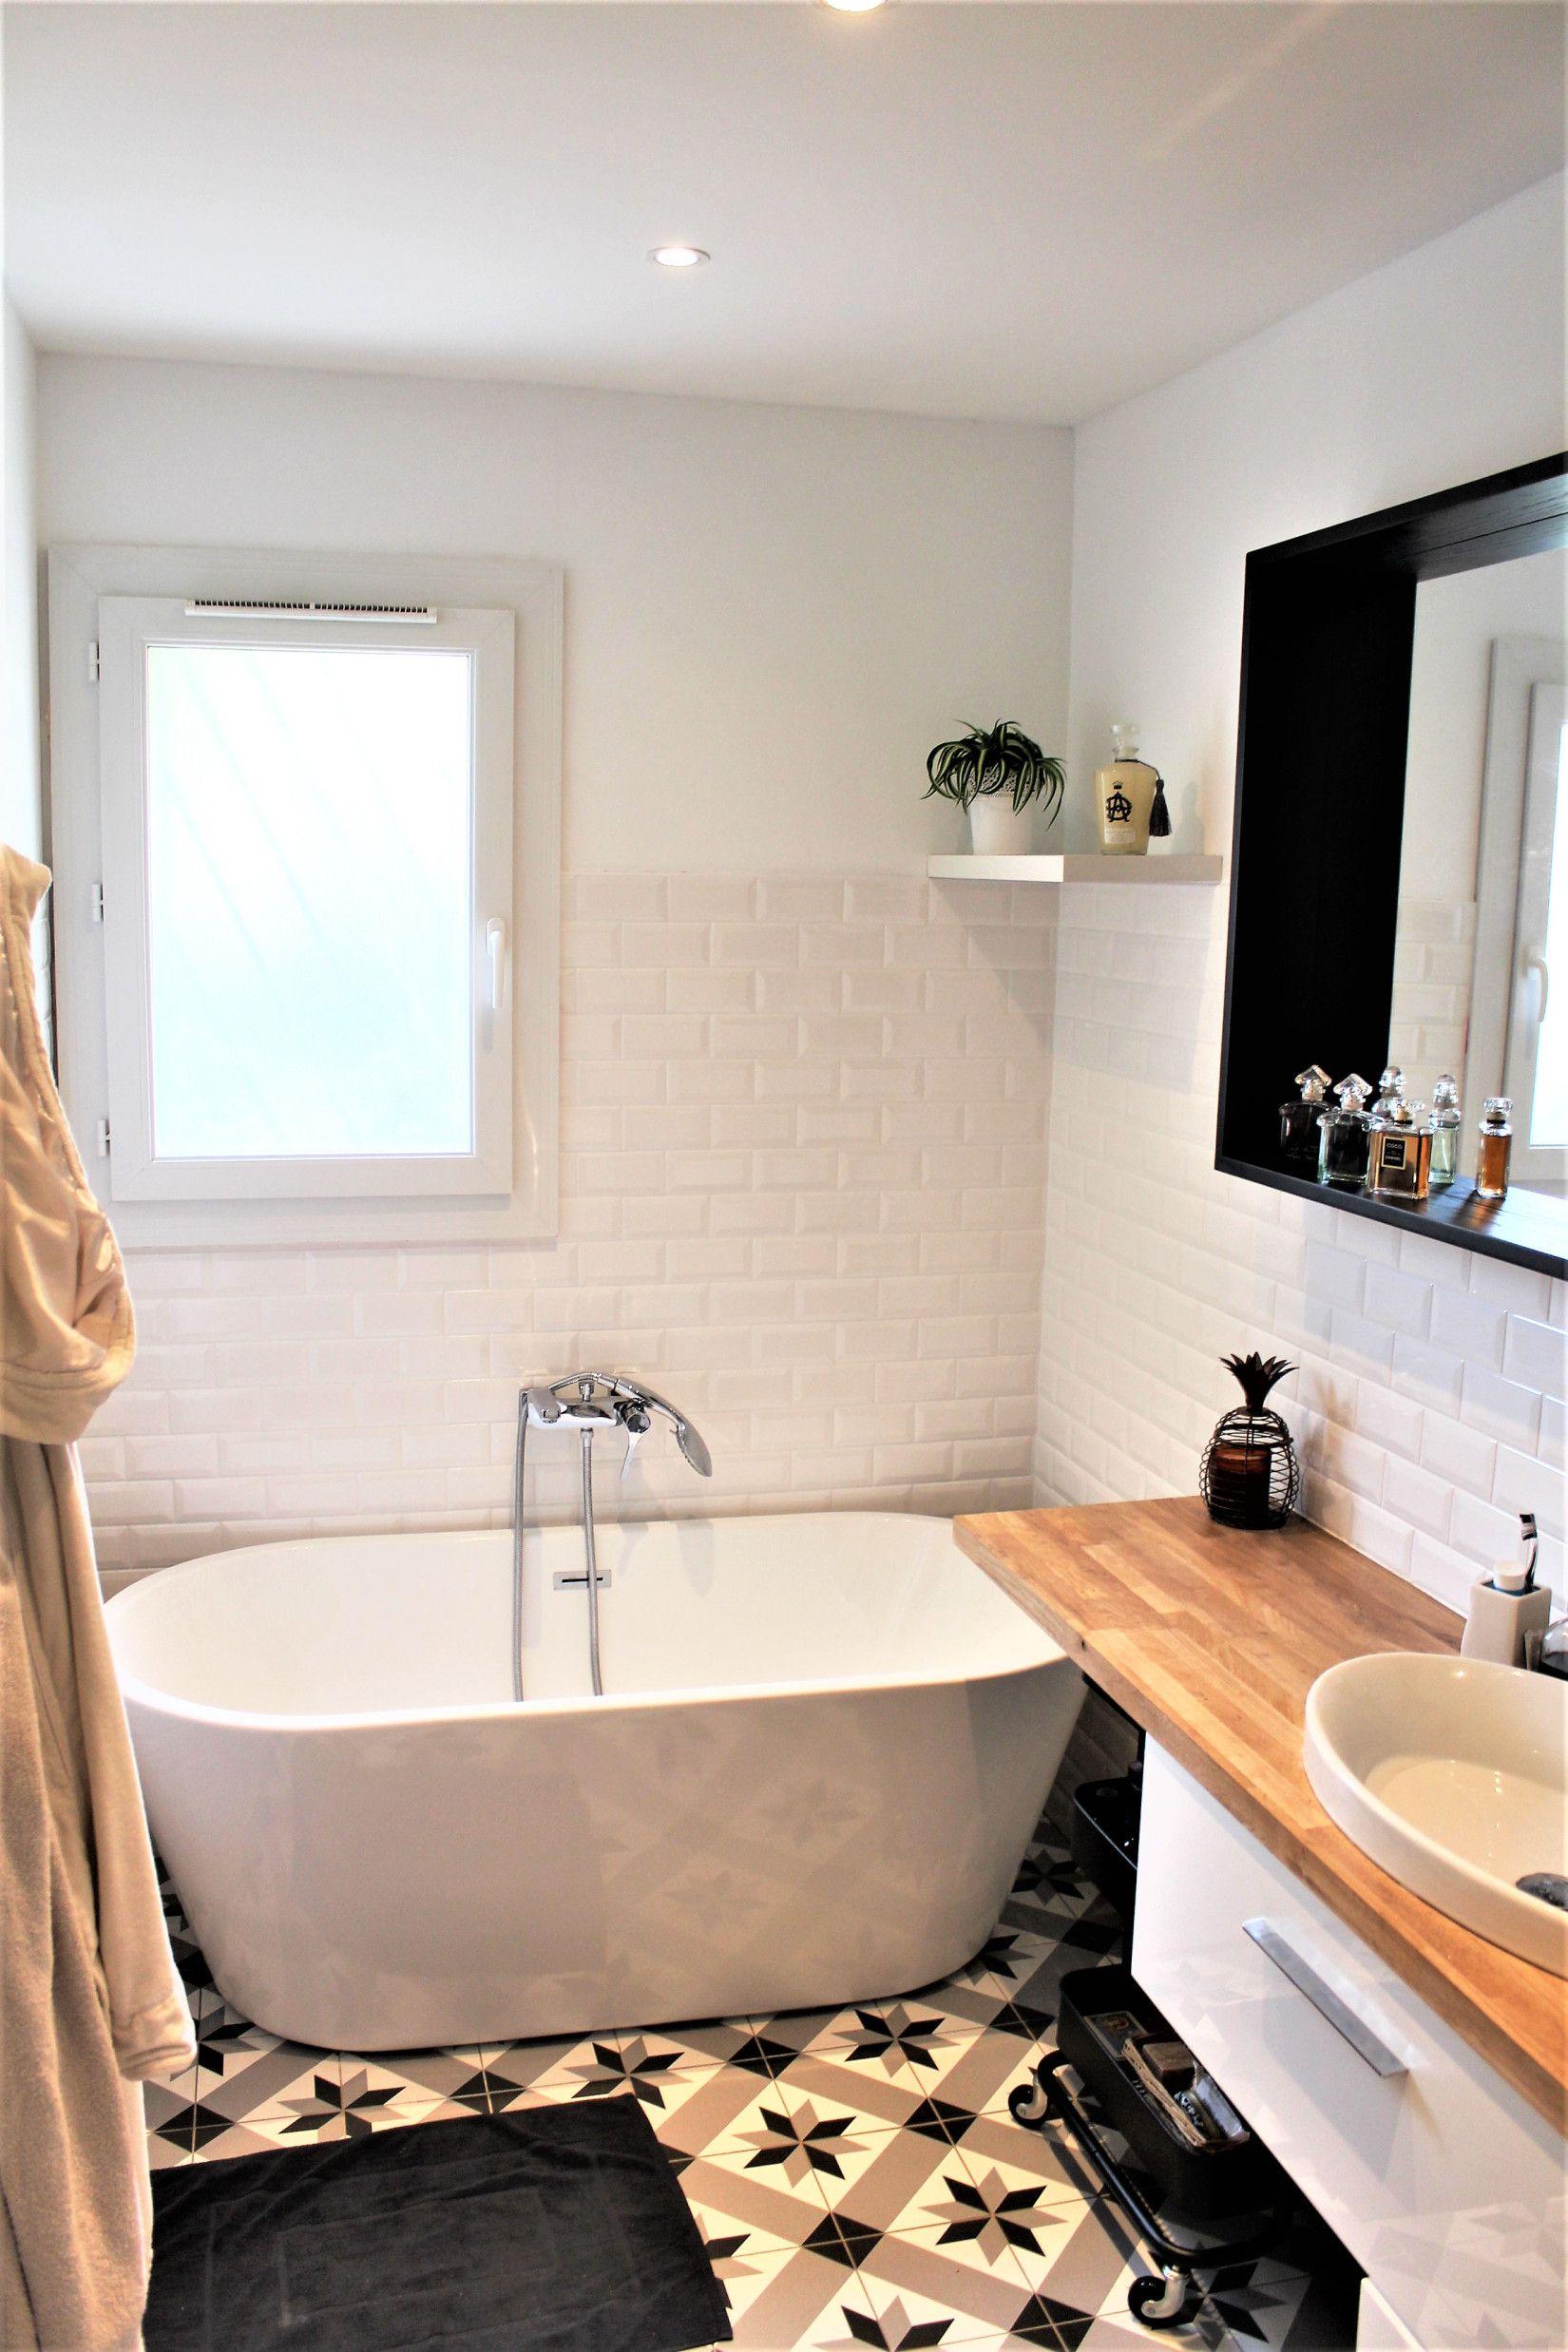 Deco Salle De Bain Avant Apres rendez-vous déco : la rénovation de la salle de bain avant